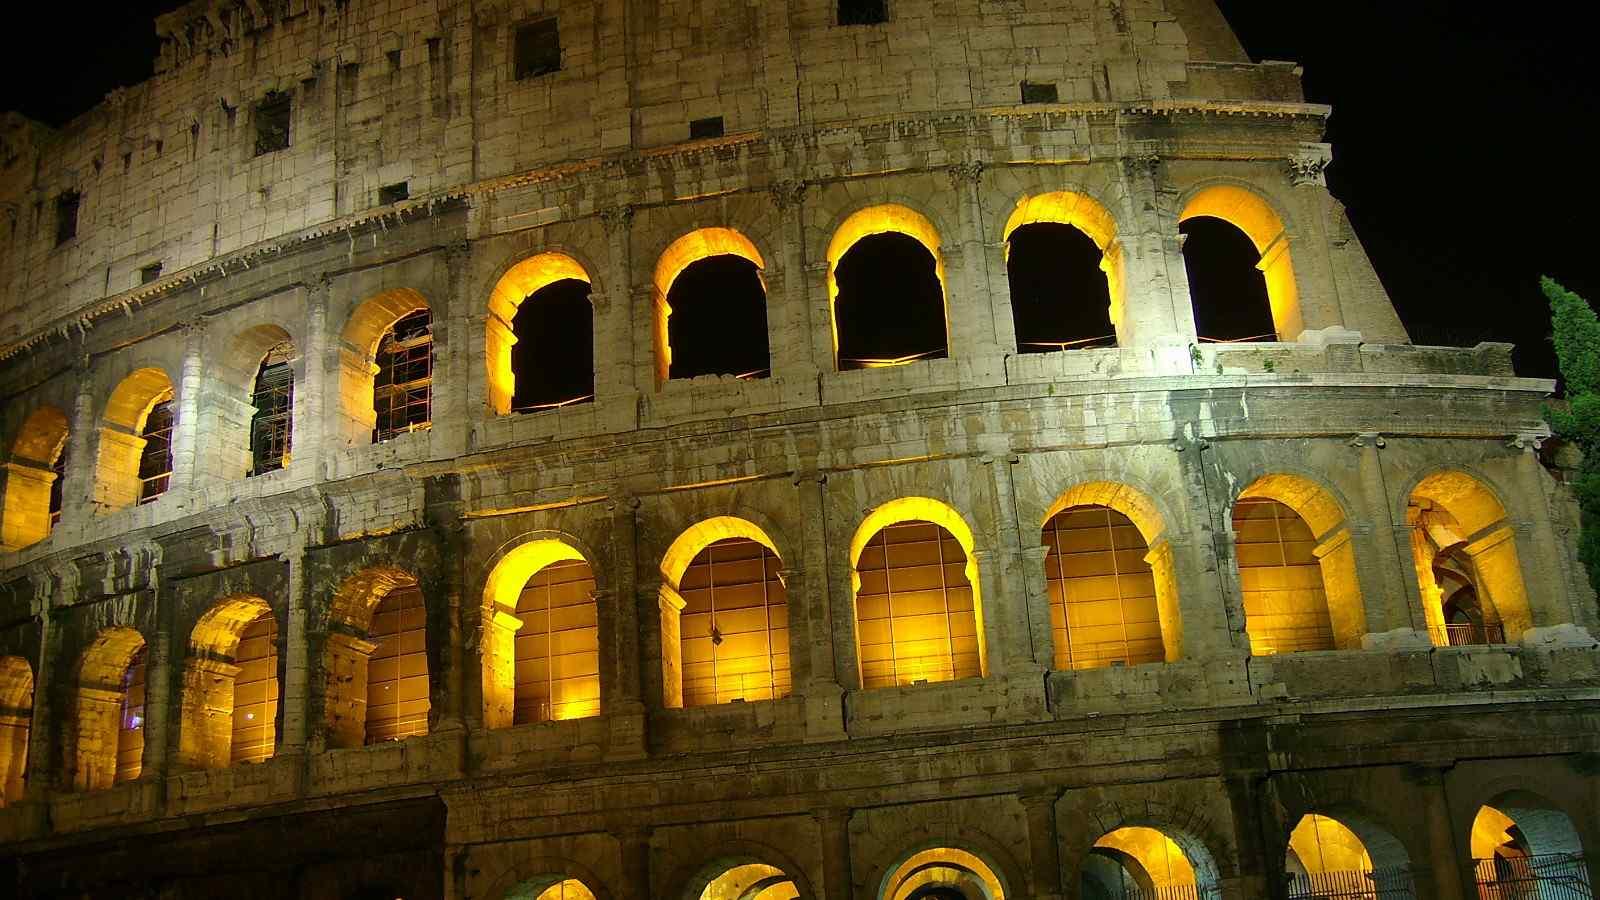 意大利罗马风景图片桌面壁纸